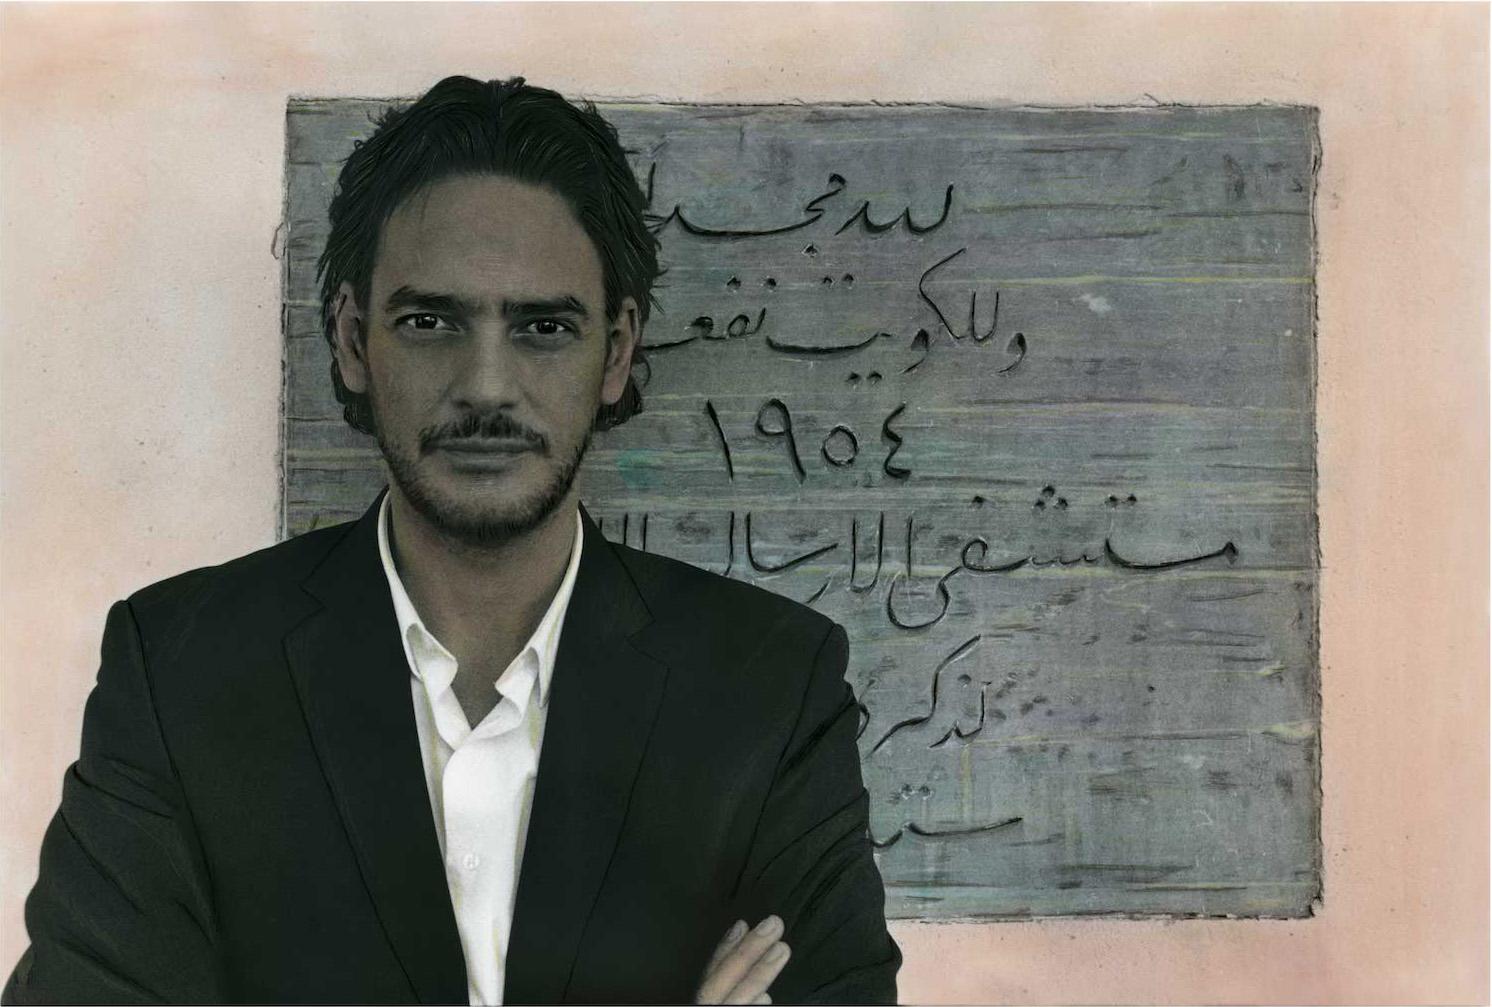 Khaled-AbuAlnaga.jpg